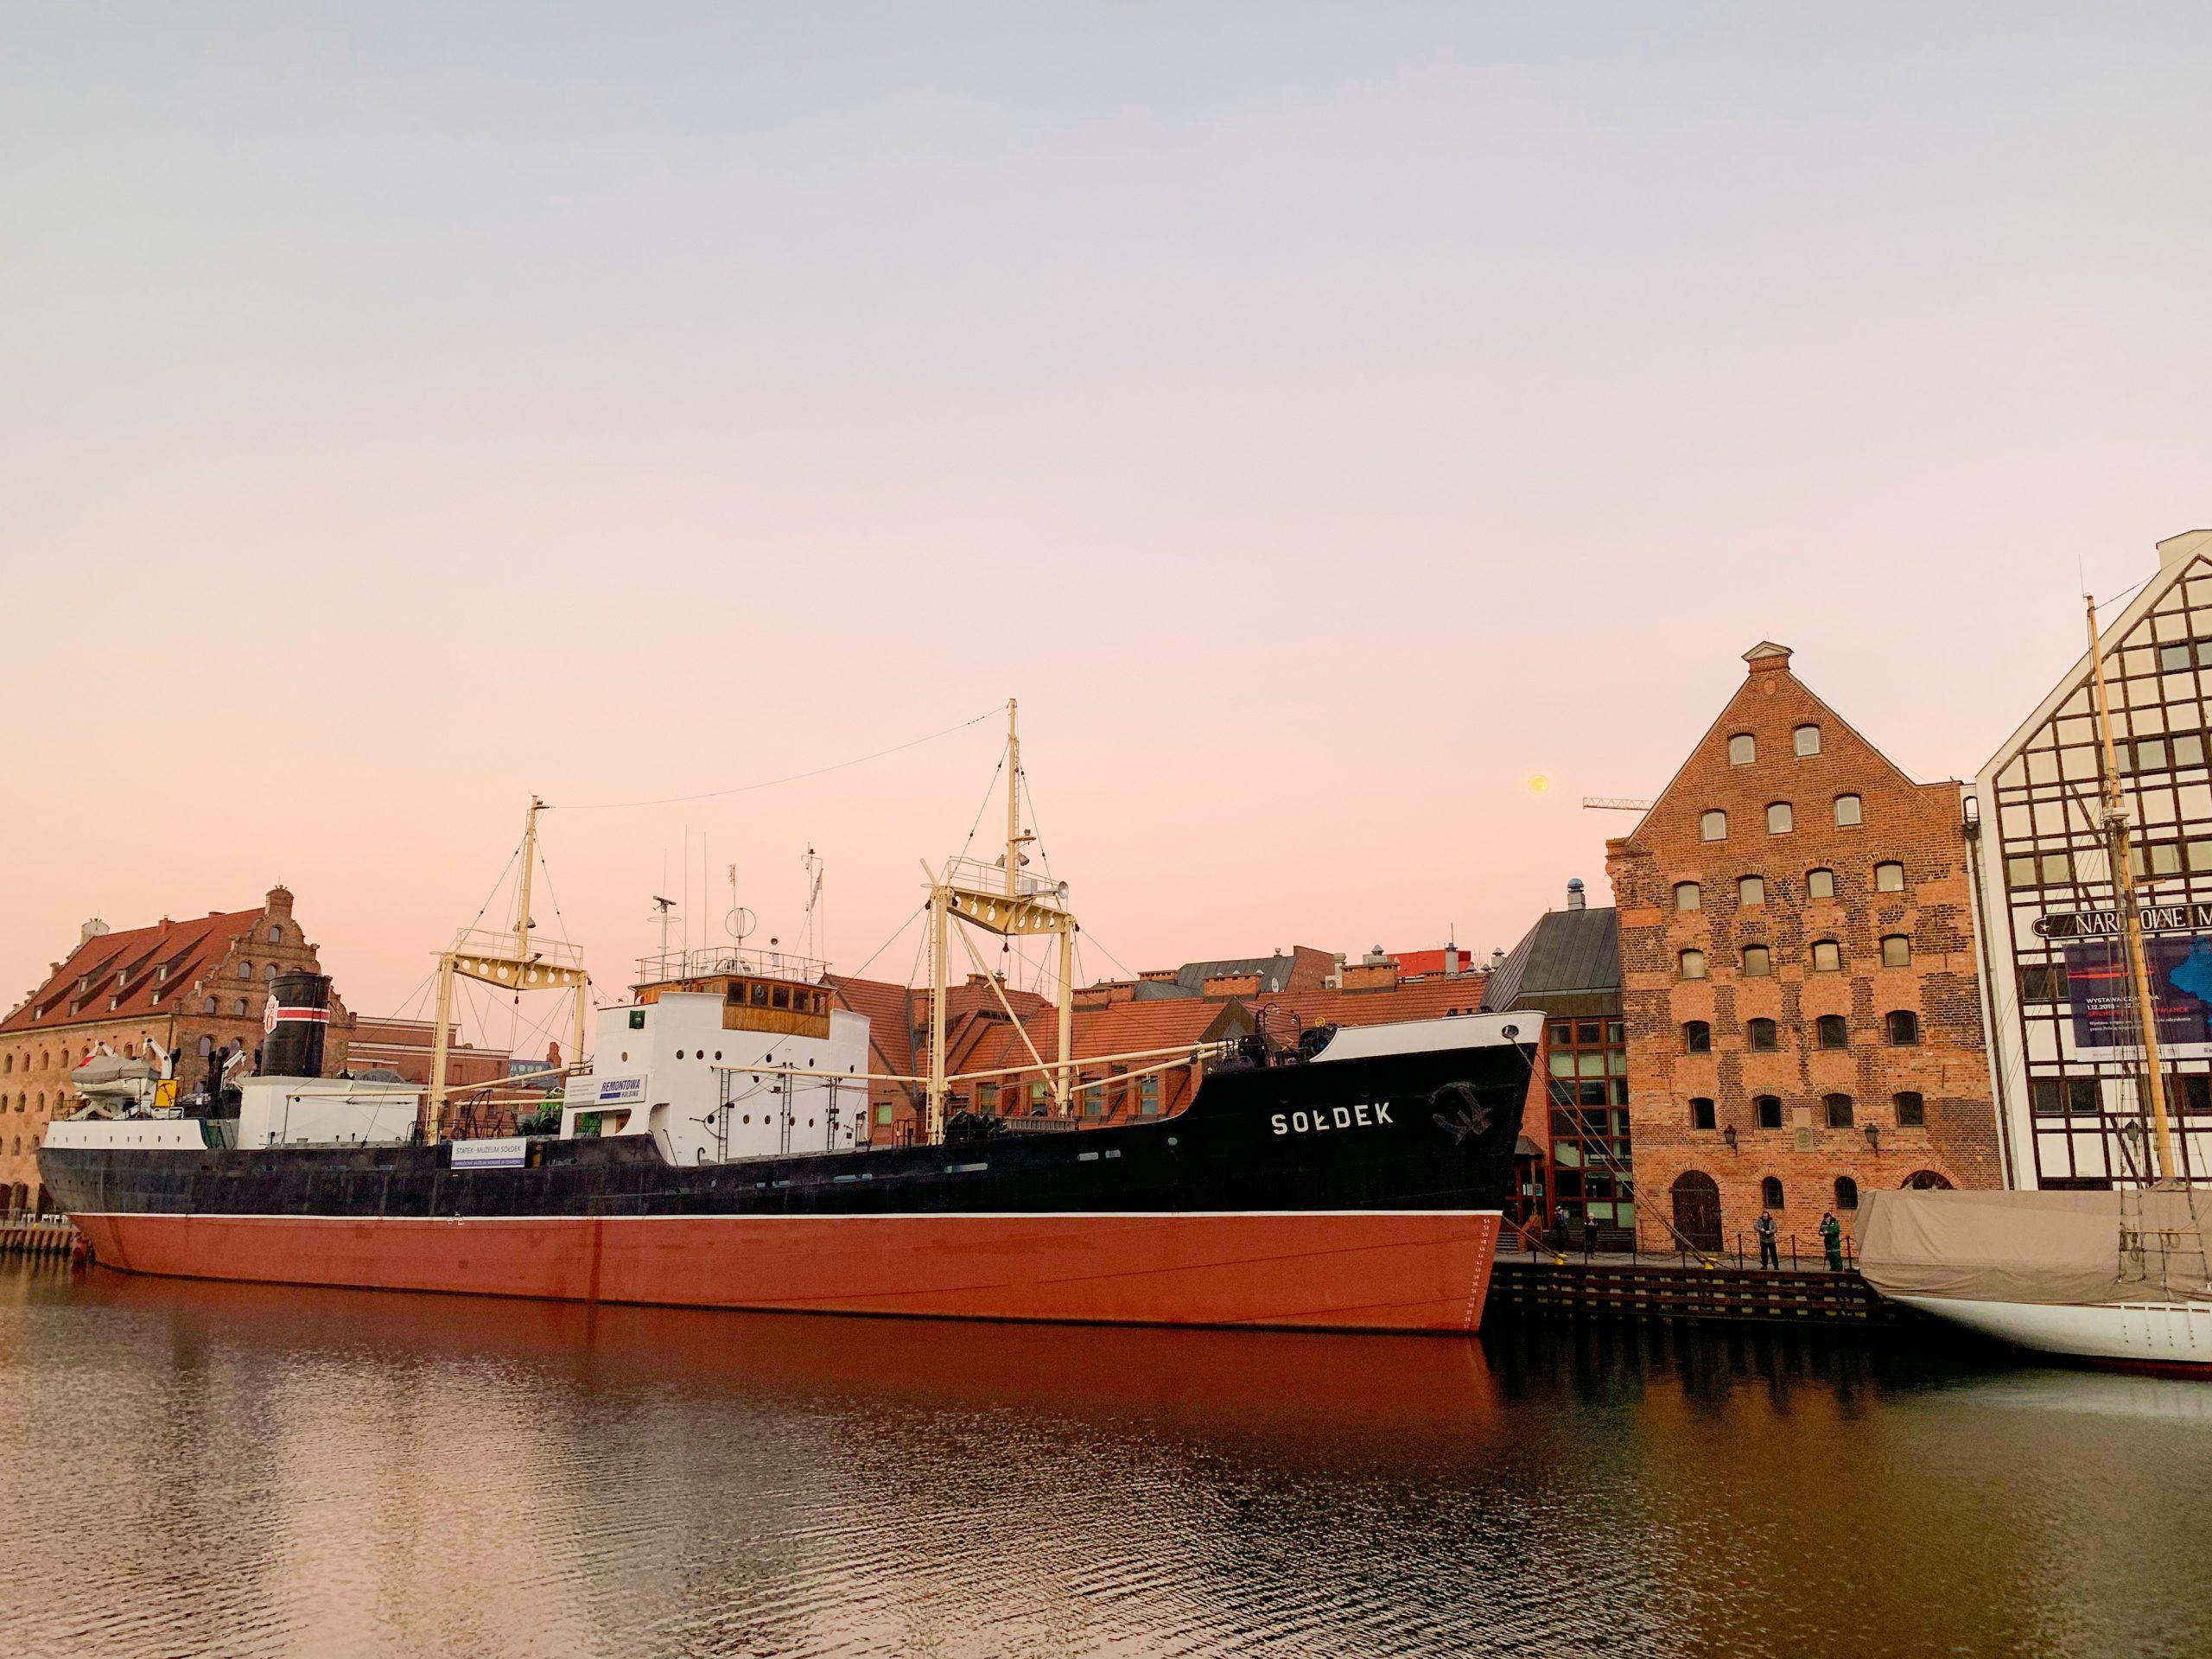 Polônia, Gdansk, guia de viagem, Westerplatte, viagem, leste europeu, soldek